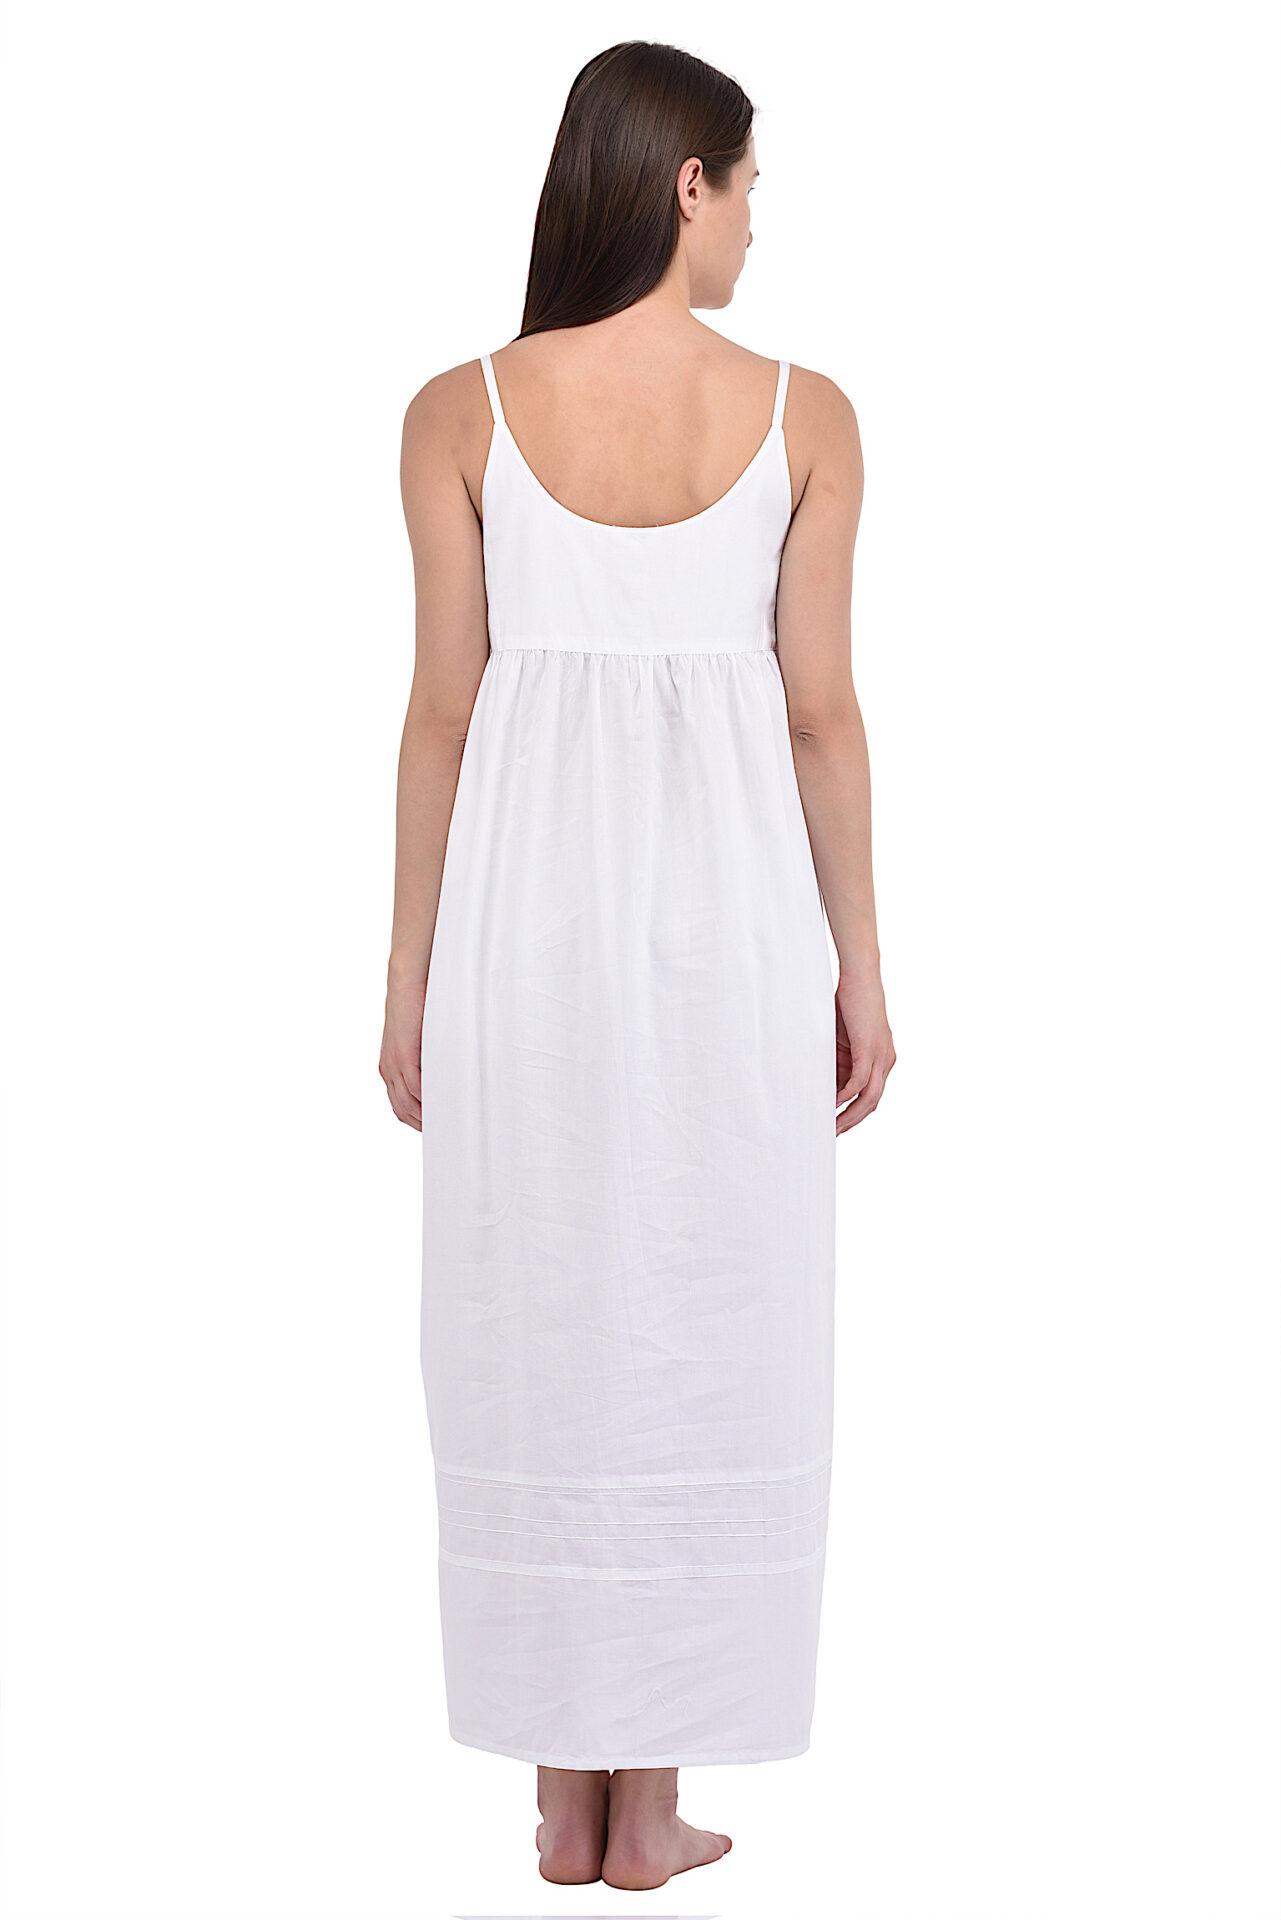 Plus Size Ladies Embroidered White Cotton NightdressCotton Lane